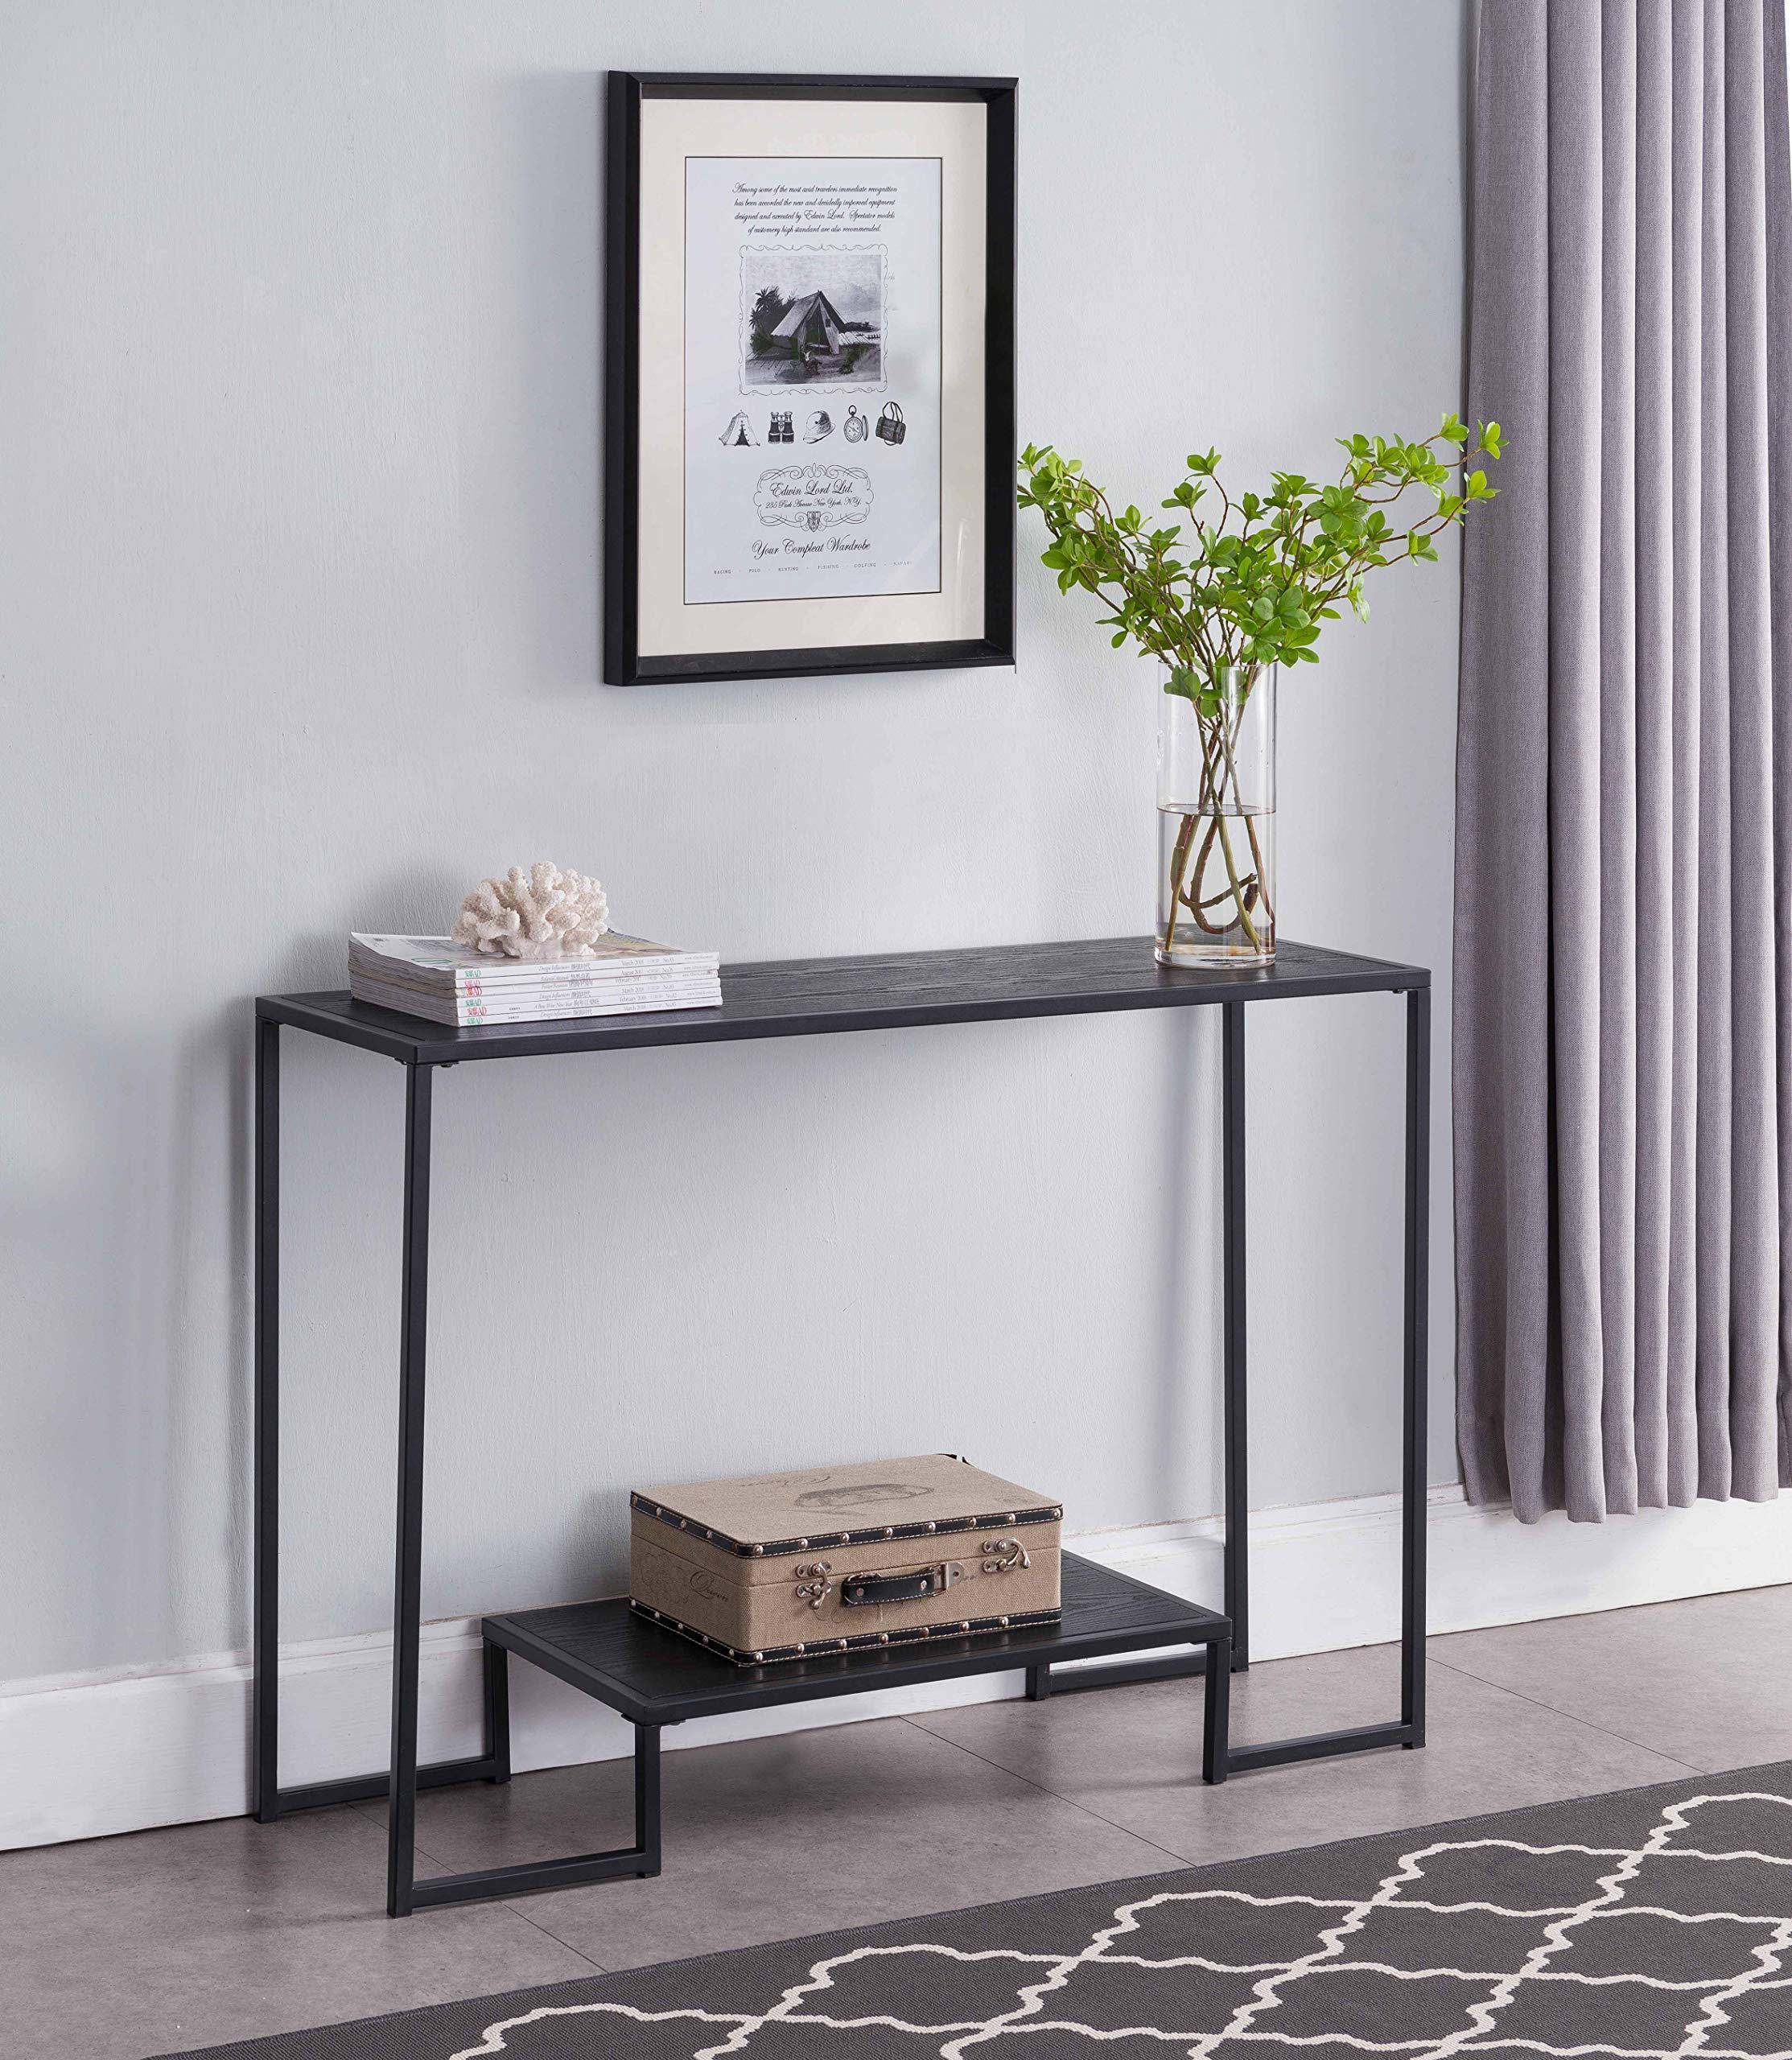 Kings Brand Furniture - Vidal Metal/Wood Sofa Console Table, Black/Grey by Kings Brand Furniture